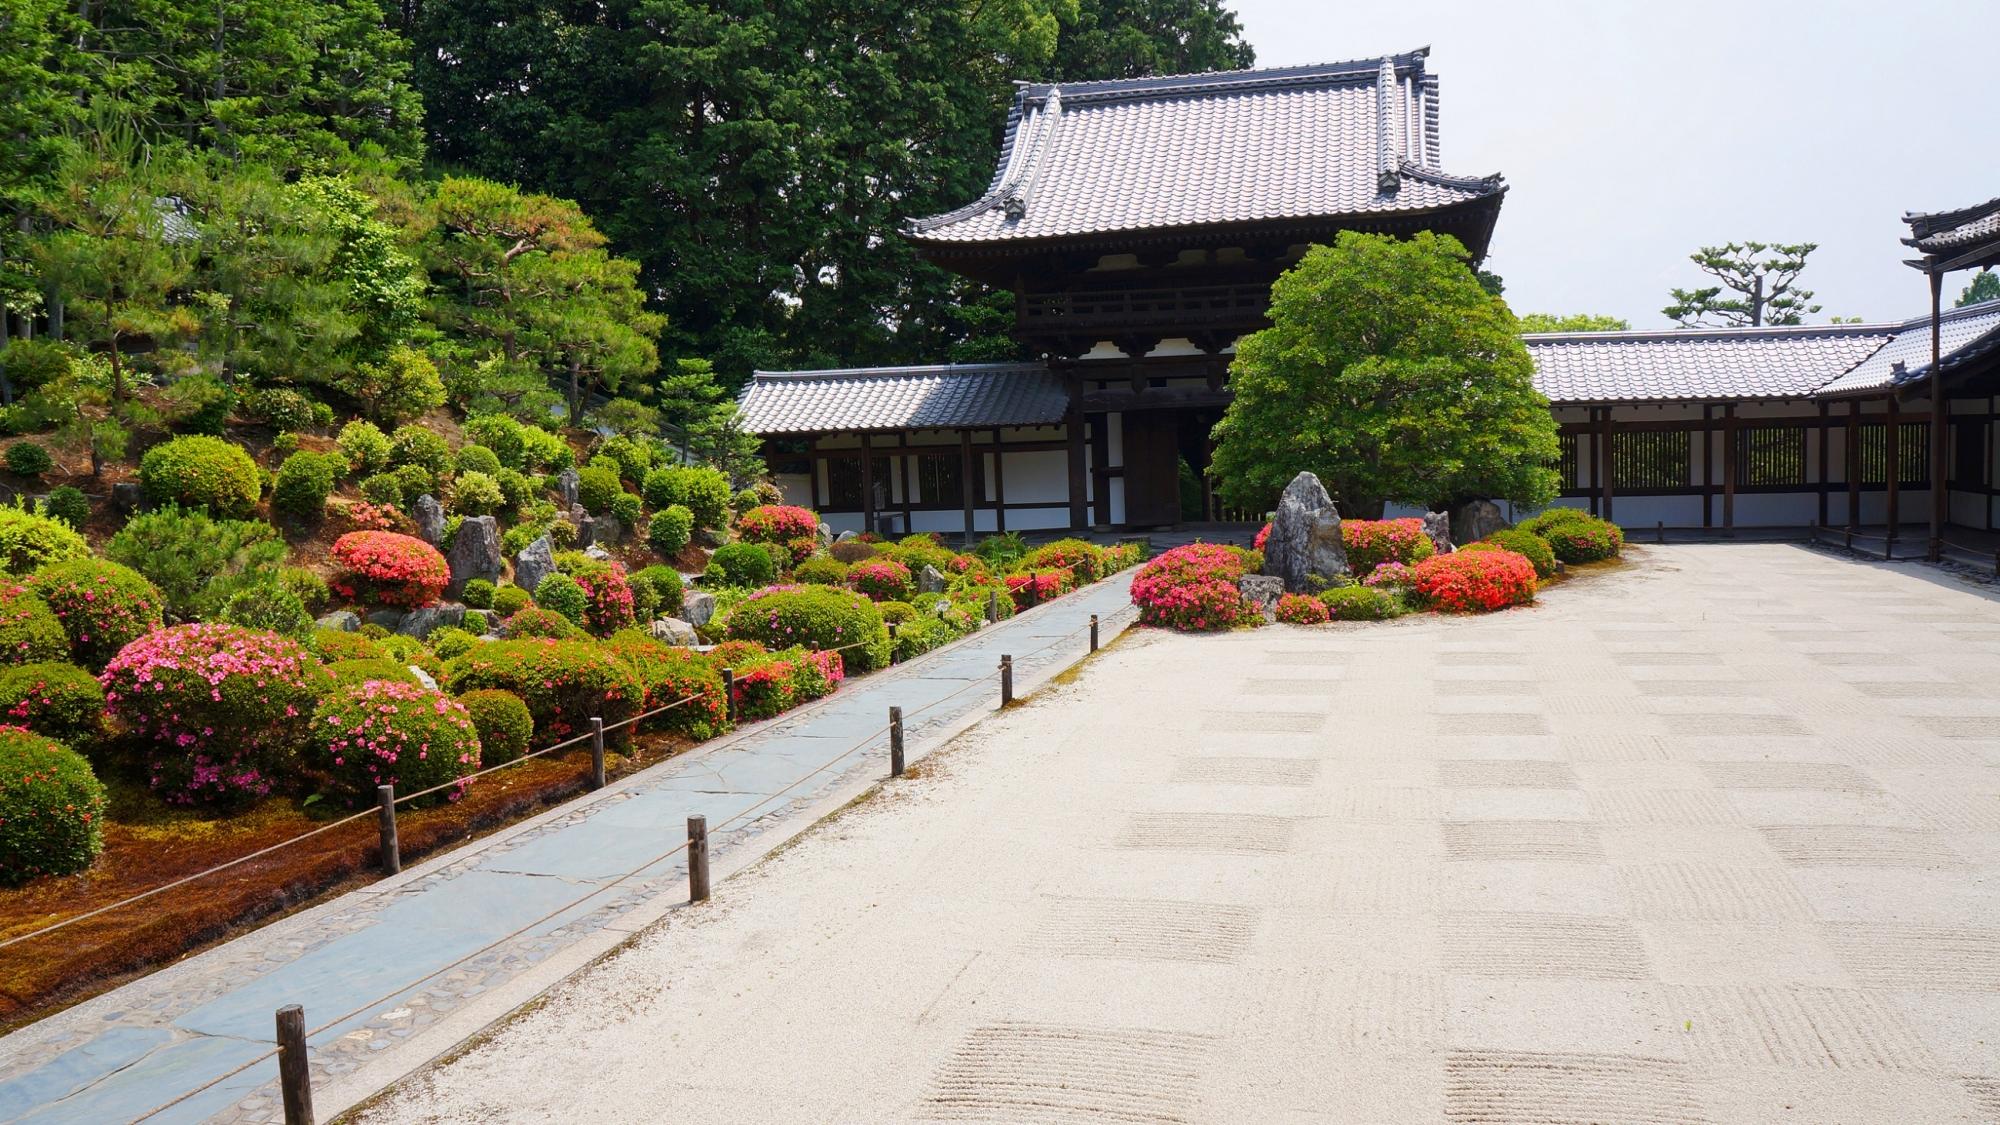 枯山水庭園と池泉式庭園が融合した庭園東福寺の開山堂庭園